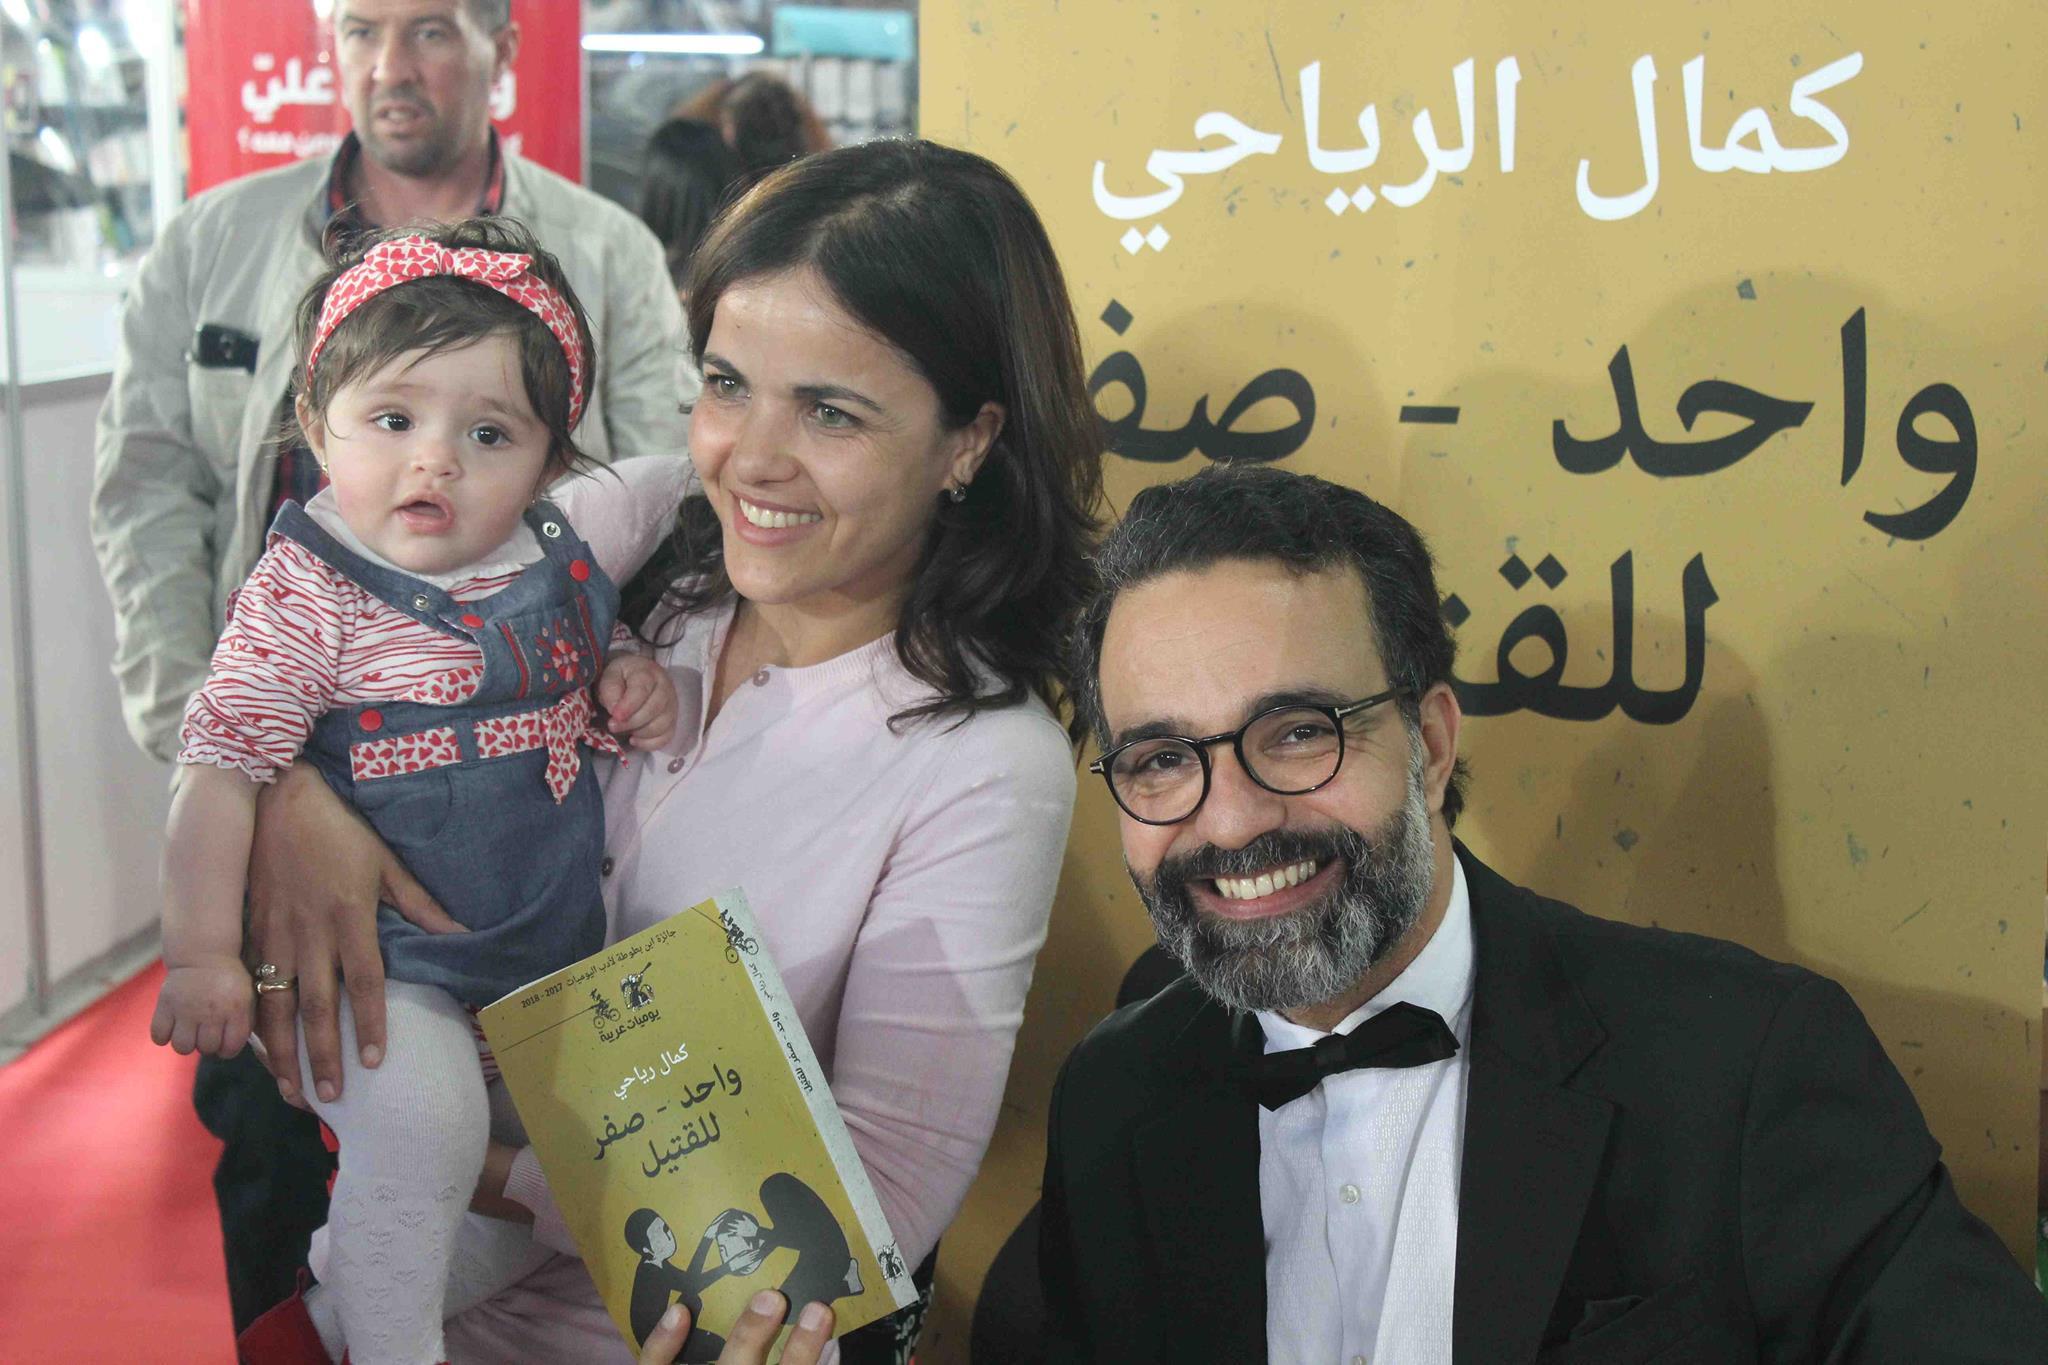 كمال الرياحى يوقع كتابه واحد صفر للقتيل الفائز بجائزة ابن بطوطة فى معرض تونس (7)